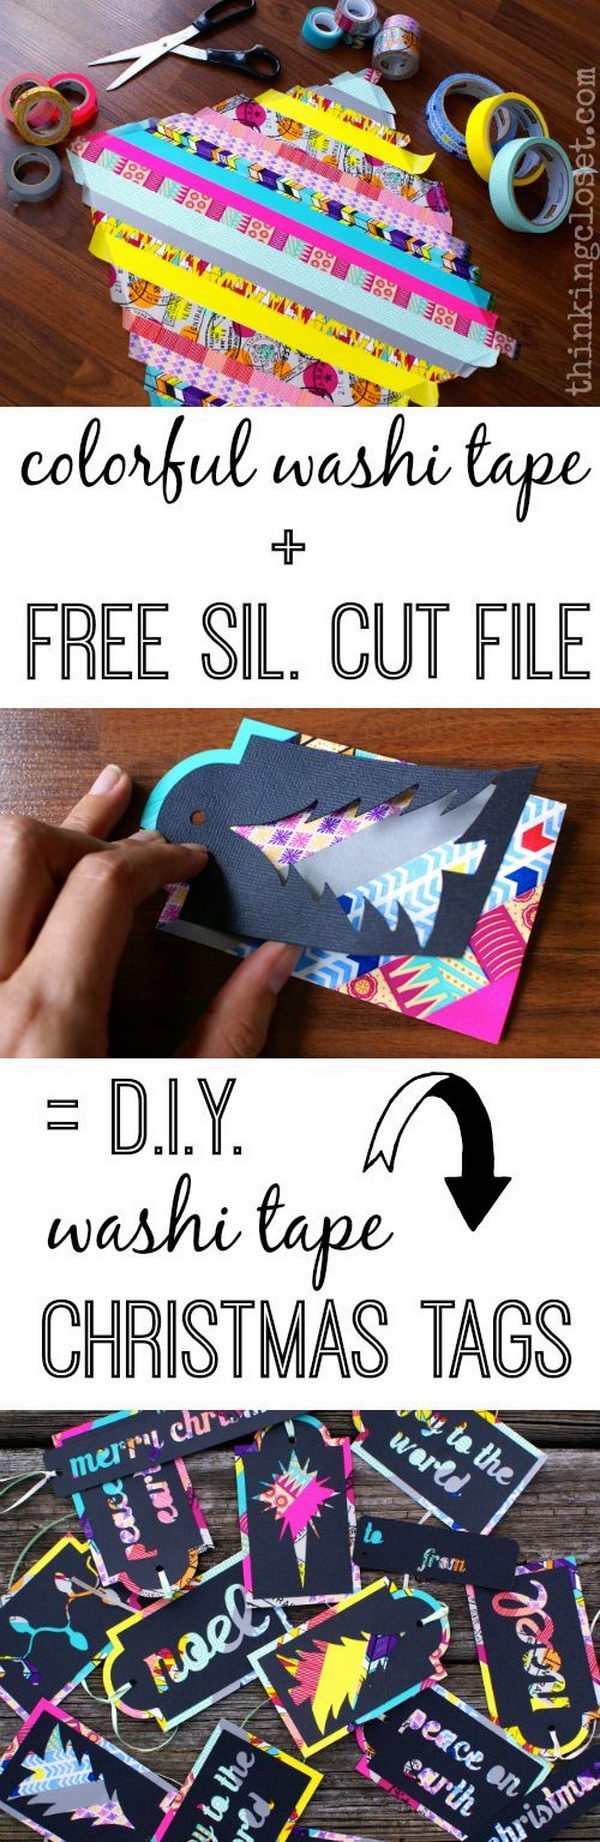 DIY Washi Tape Christmas Tags.